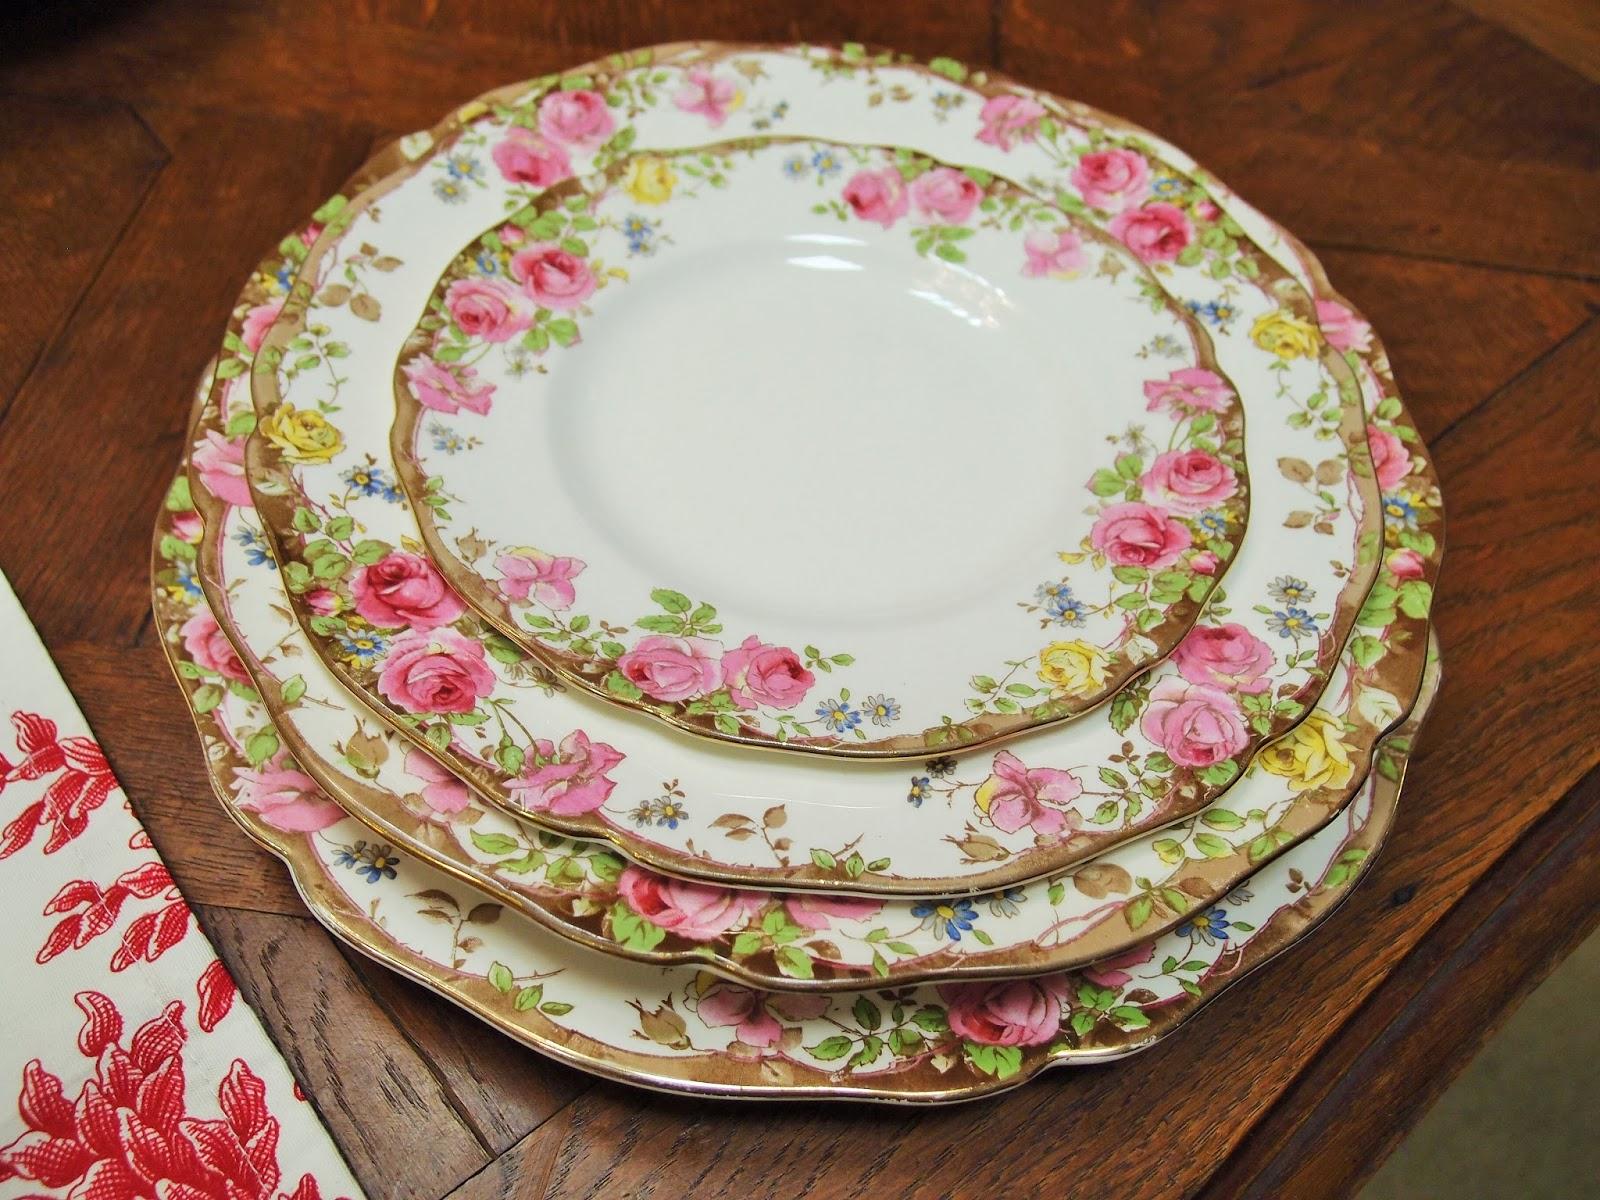 Servizio da pranzo royal doulton con romantiche rose - Piatti di frutta decorati ...